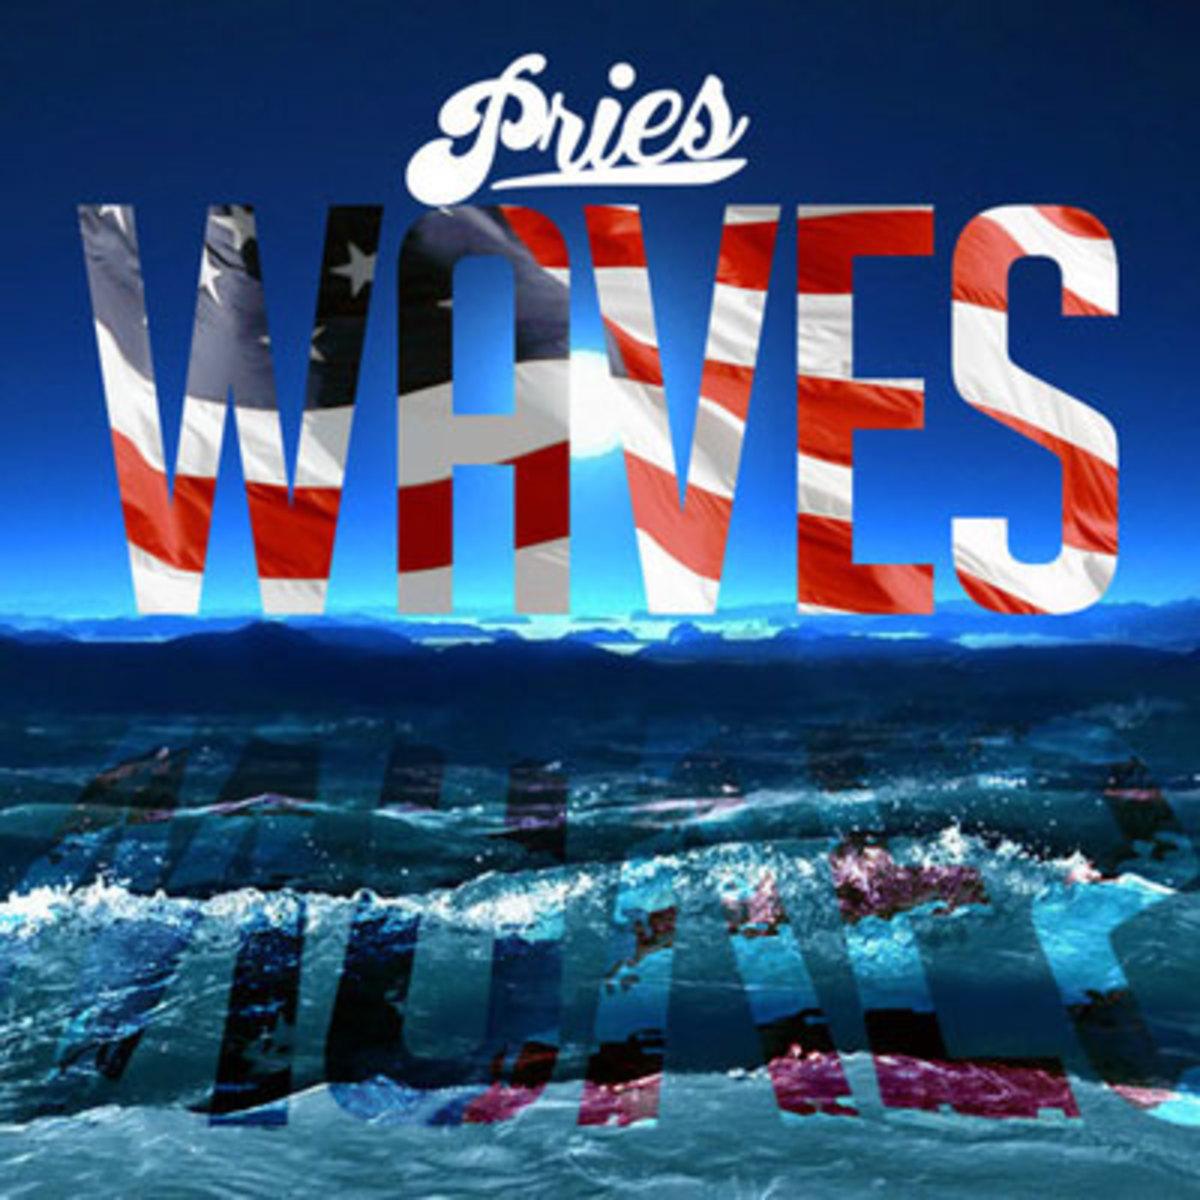 pries-waves.jpg